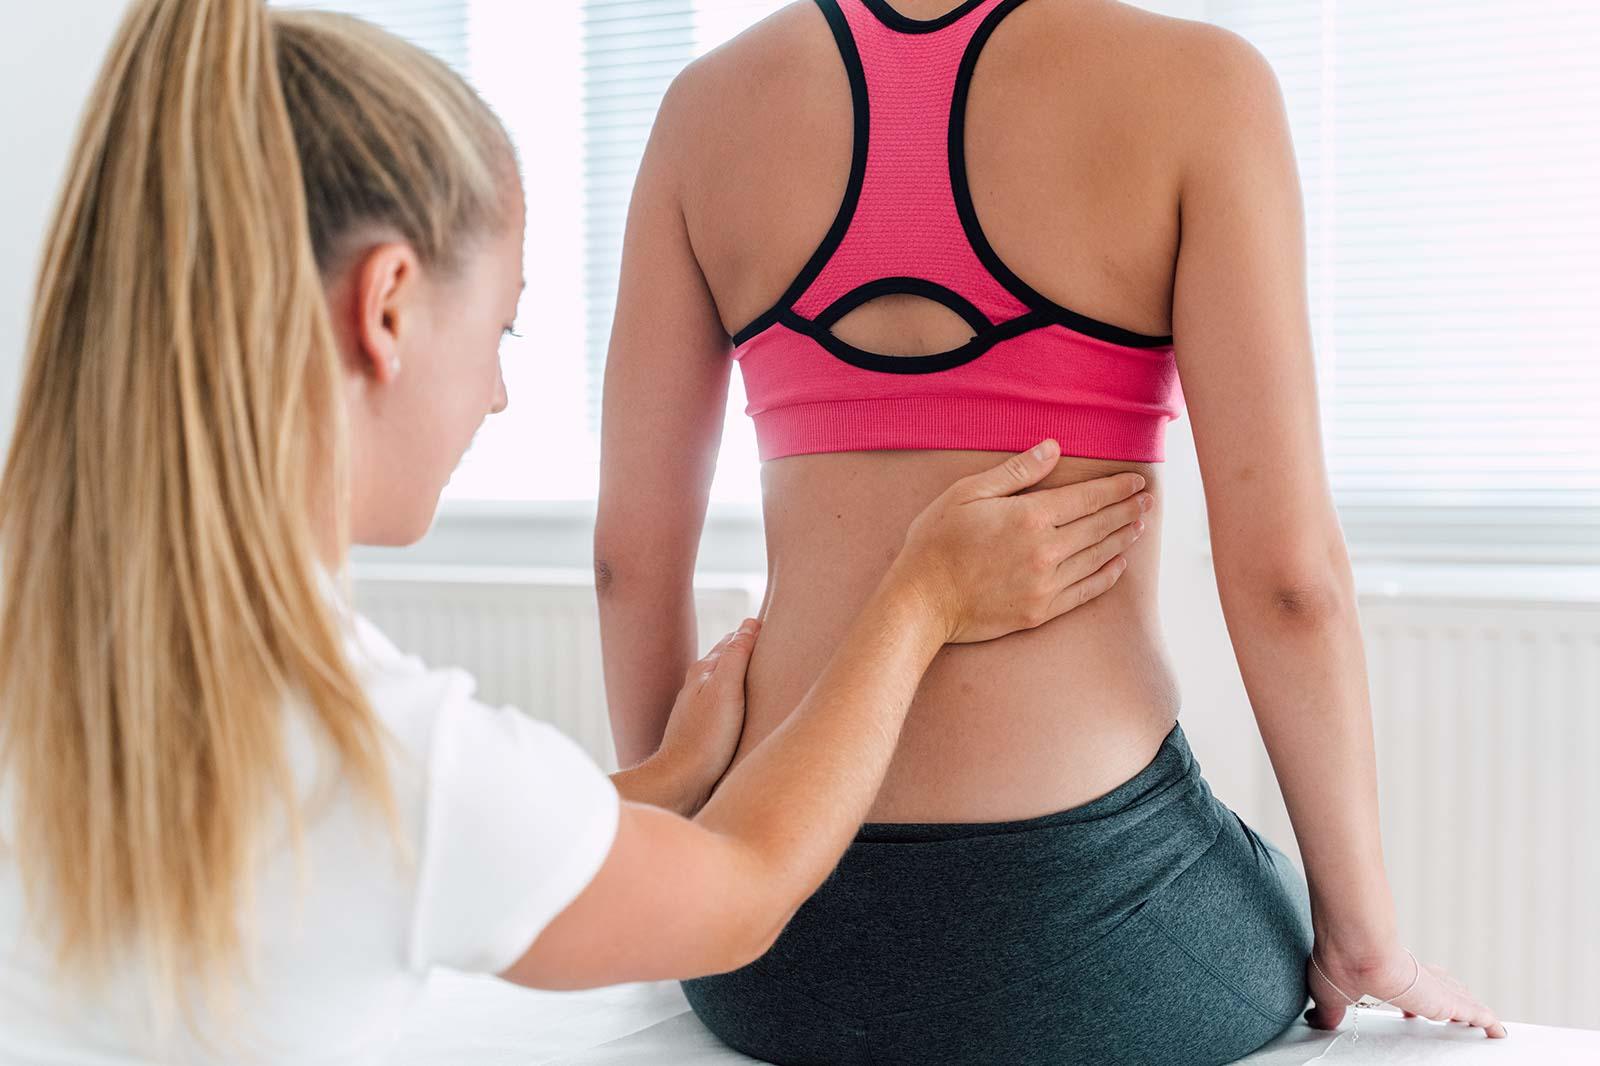 Viszerale Therapie bei Problemen verbunden mit Operationen, Menstruation, Schwangerschaft und Geburt. Hervorragende Behandlungsmöglichkeiten im medsyn Wien